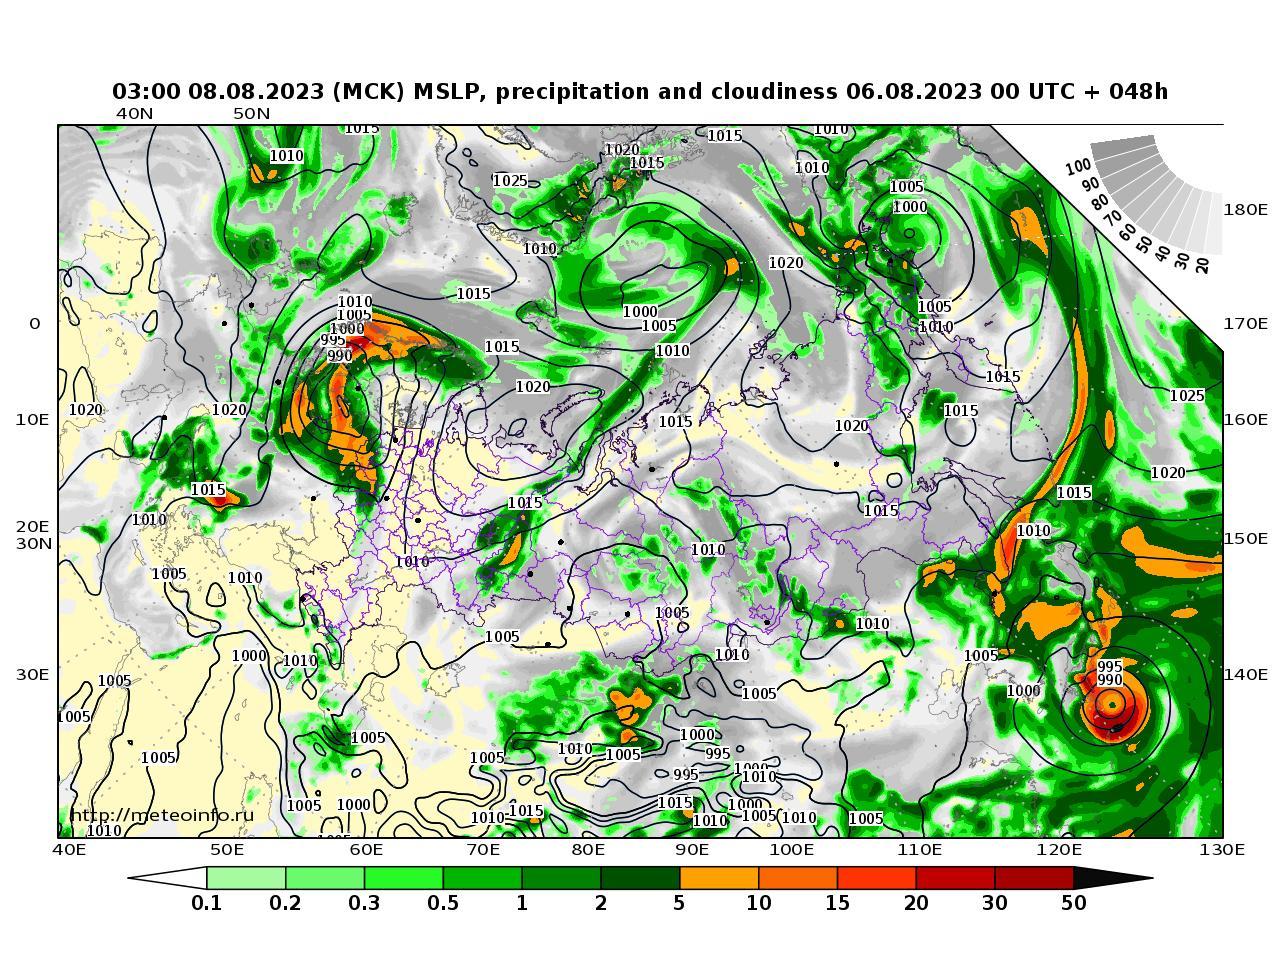 Россия, прогностическая карта осадки и давление, заблаговременность прогноза 48 часов